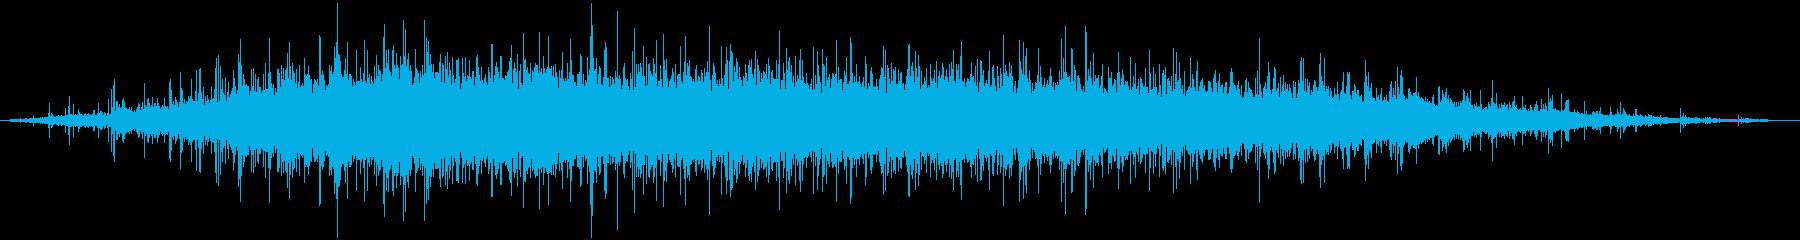 大規模な視聴者:拍手拍手Appと拍手の再生済みの波形